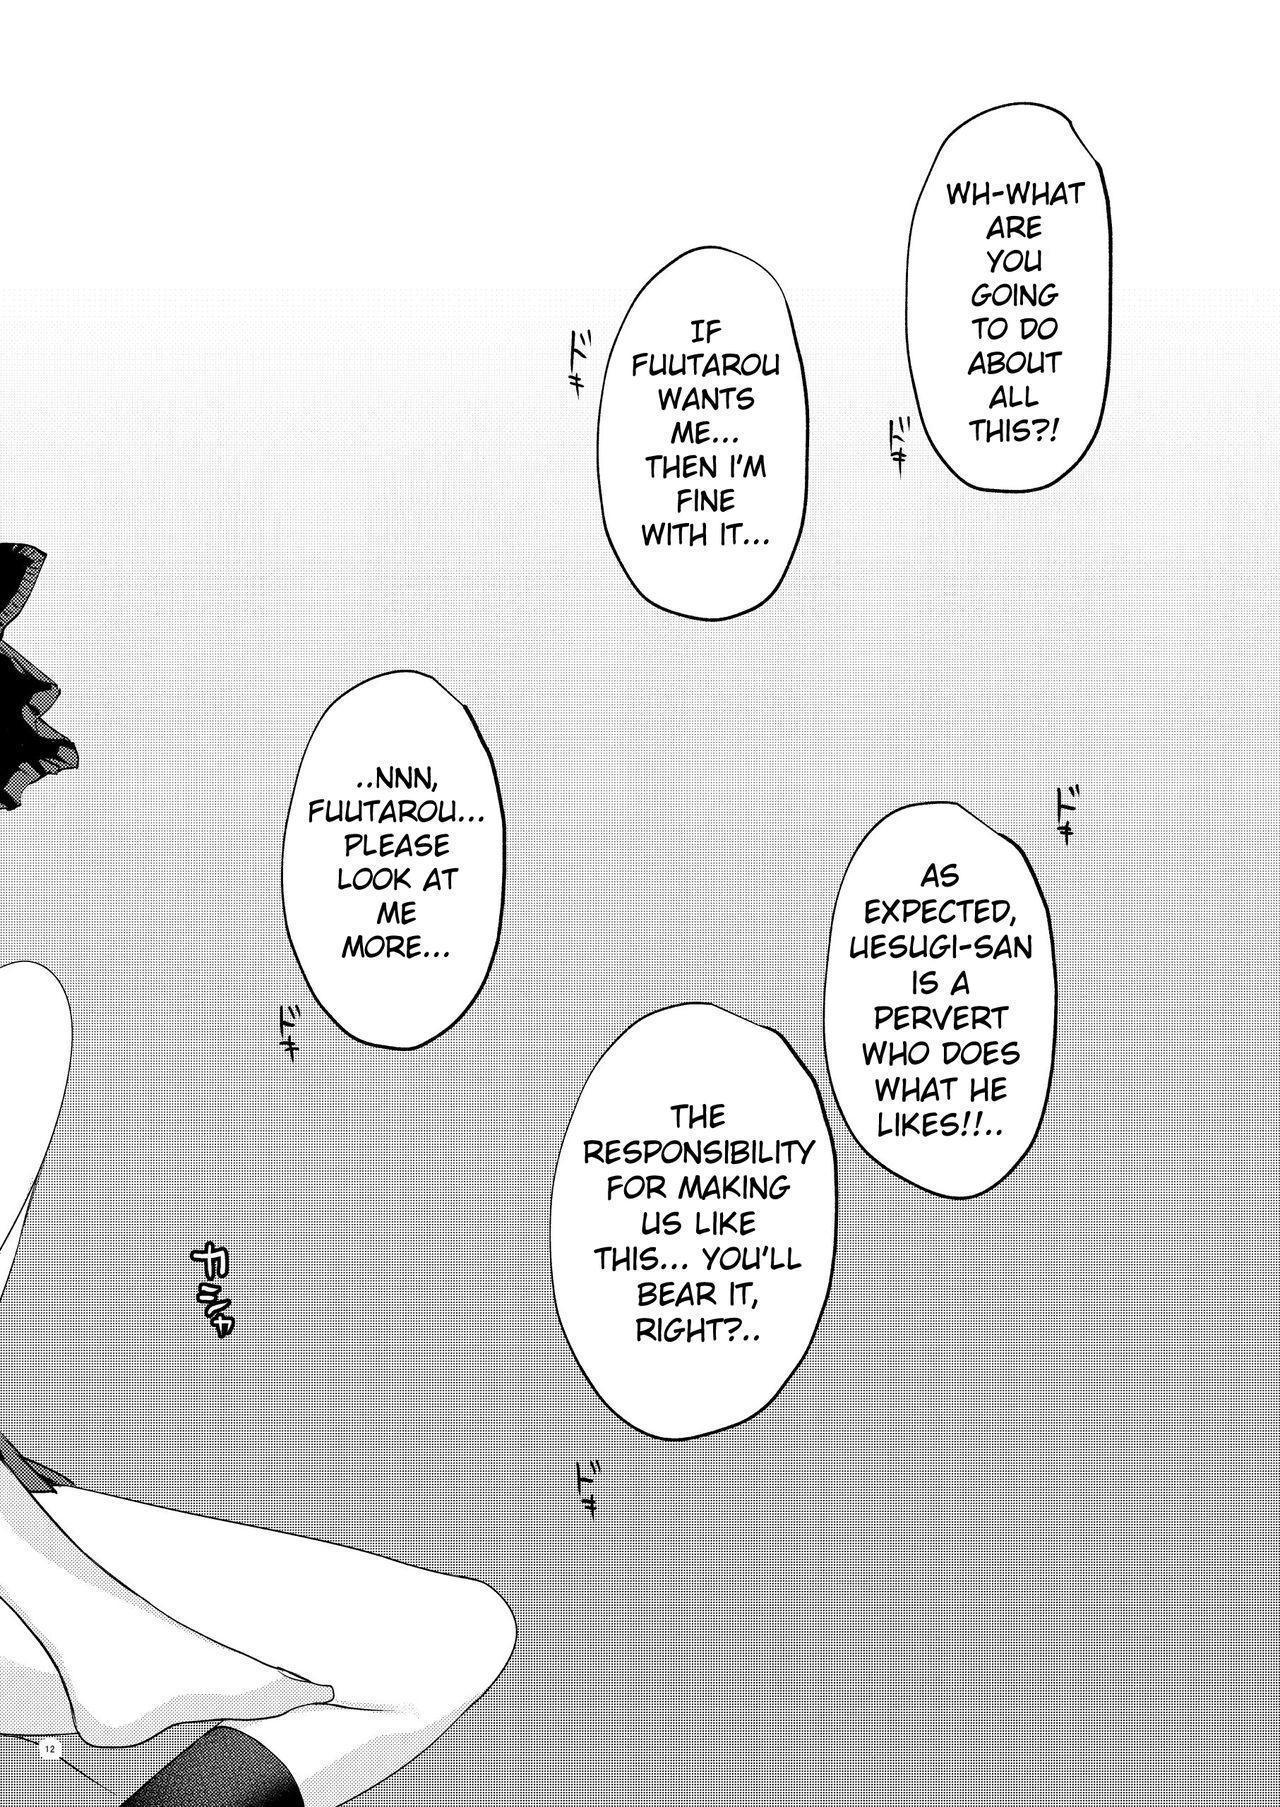 [Samurai Ninja GREENTEA] Gobun no Go -Nakano-ke Itsutsugo Harem END-   Five Fifths -Nakano Quintuplets' Harem END- (Gotoubun no Hanayome) [English] [syraku] [Digital] 10